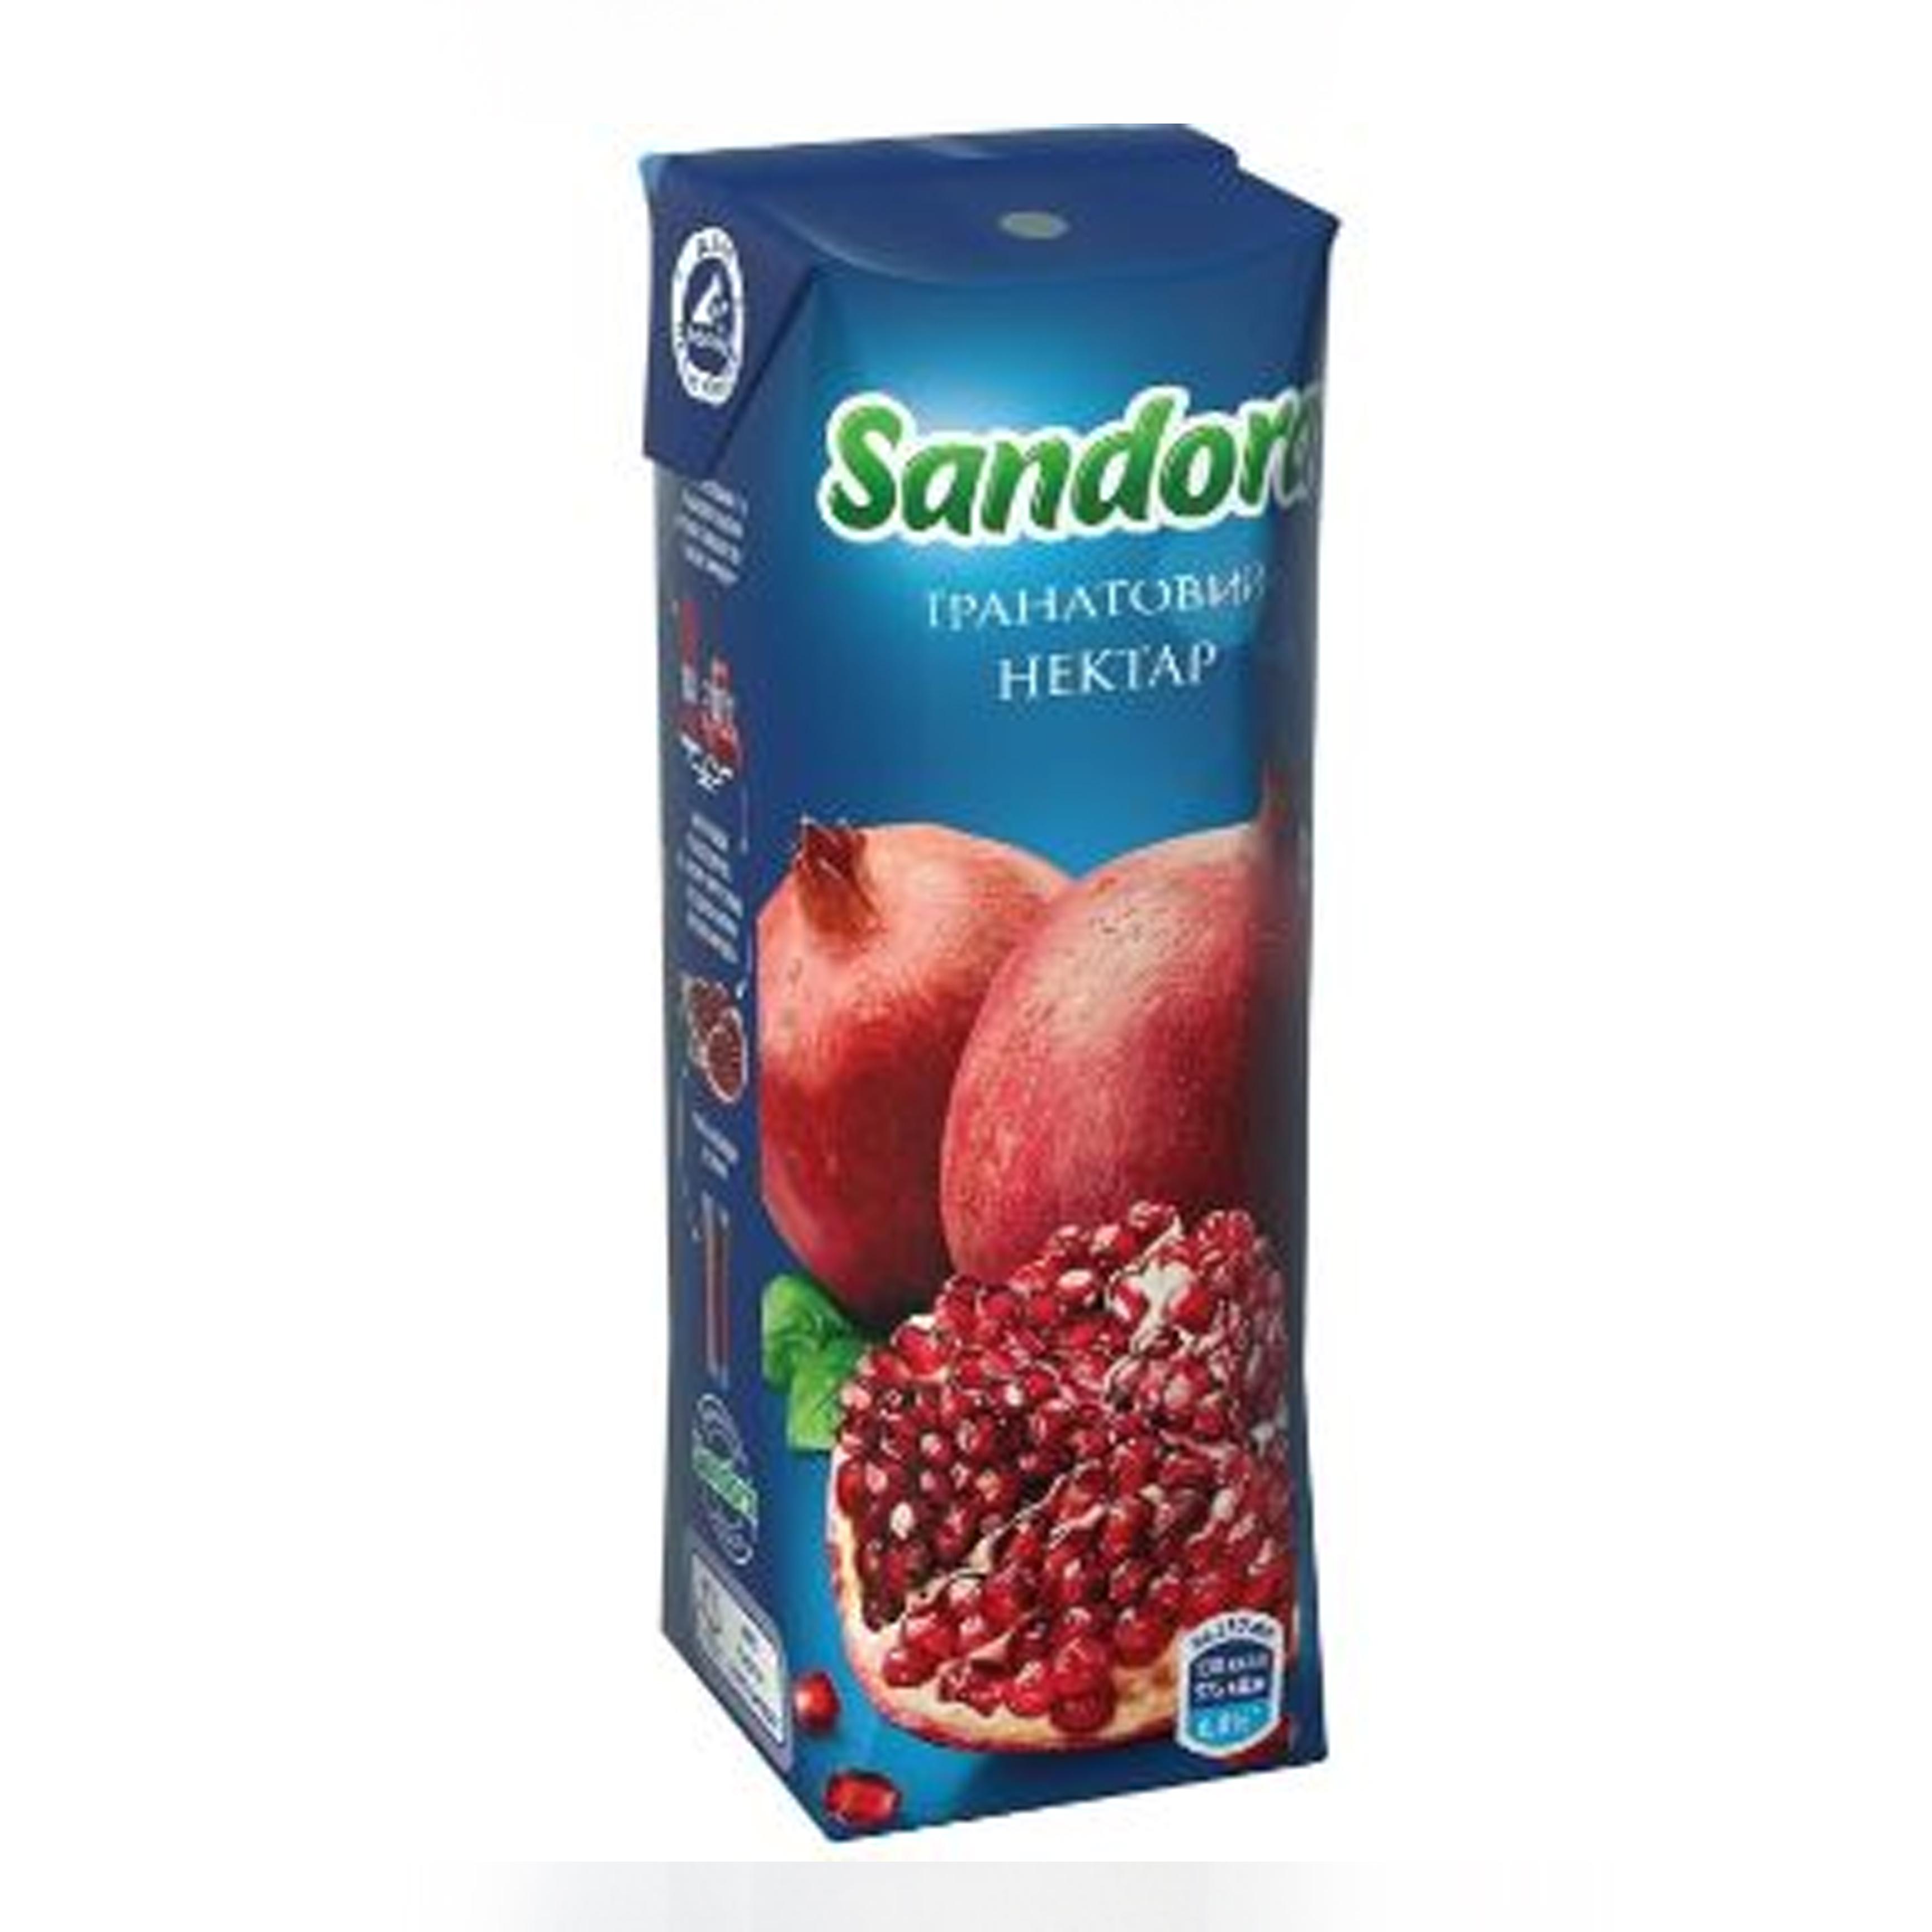 0,95ლ ბროწეული Sandora/წვენი